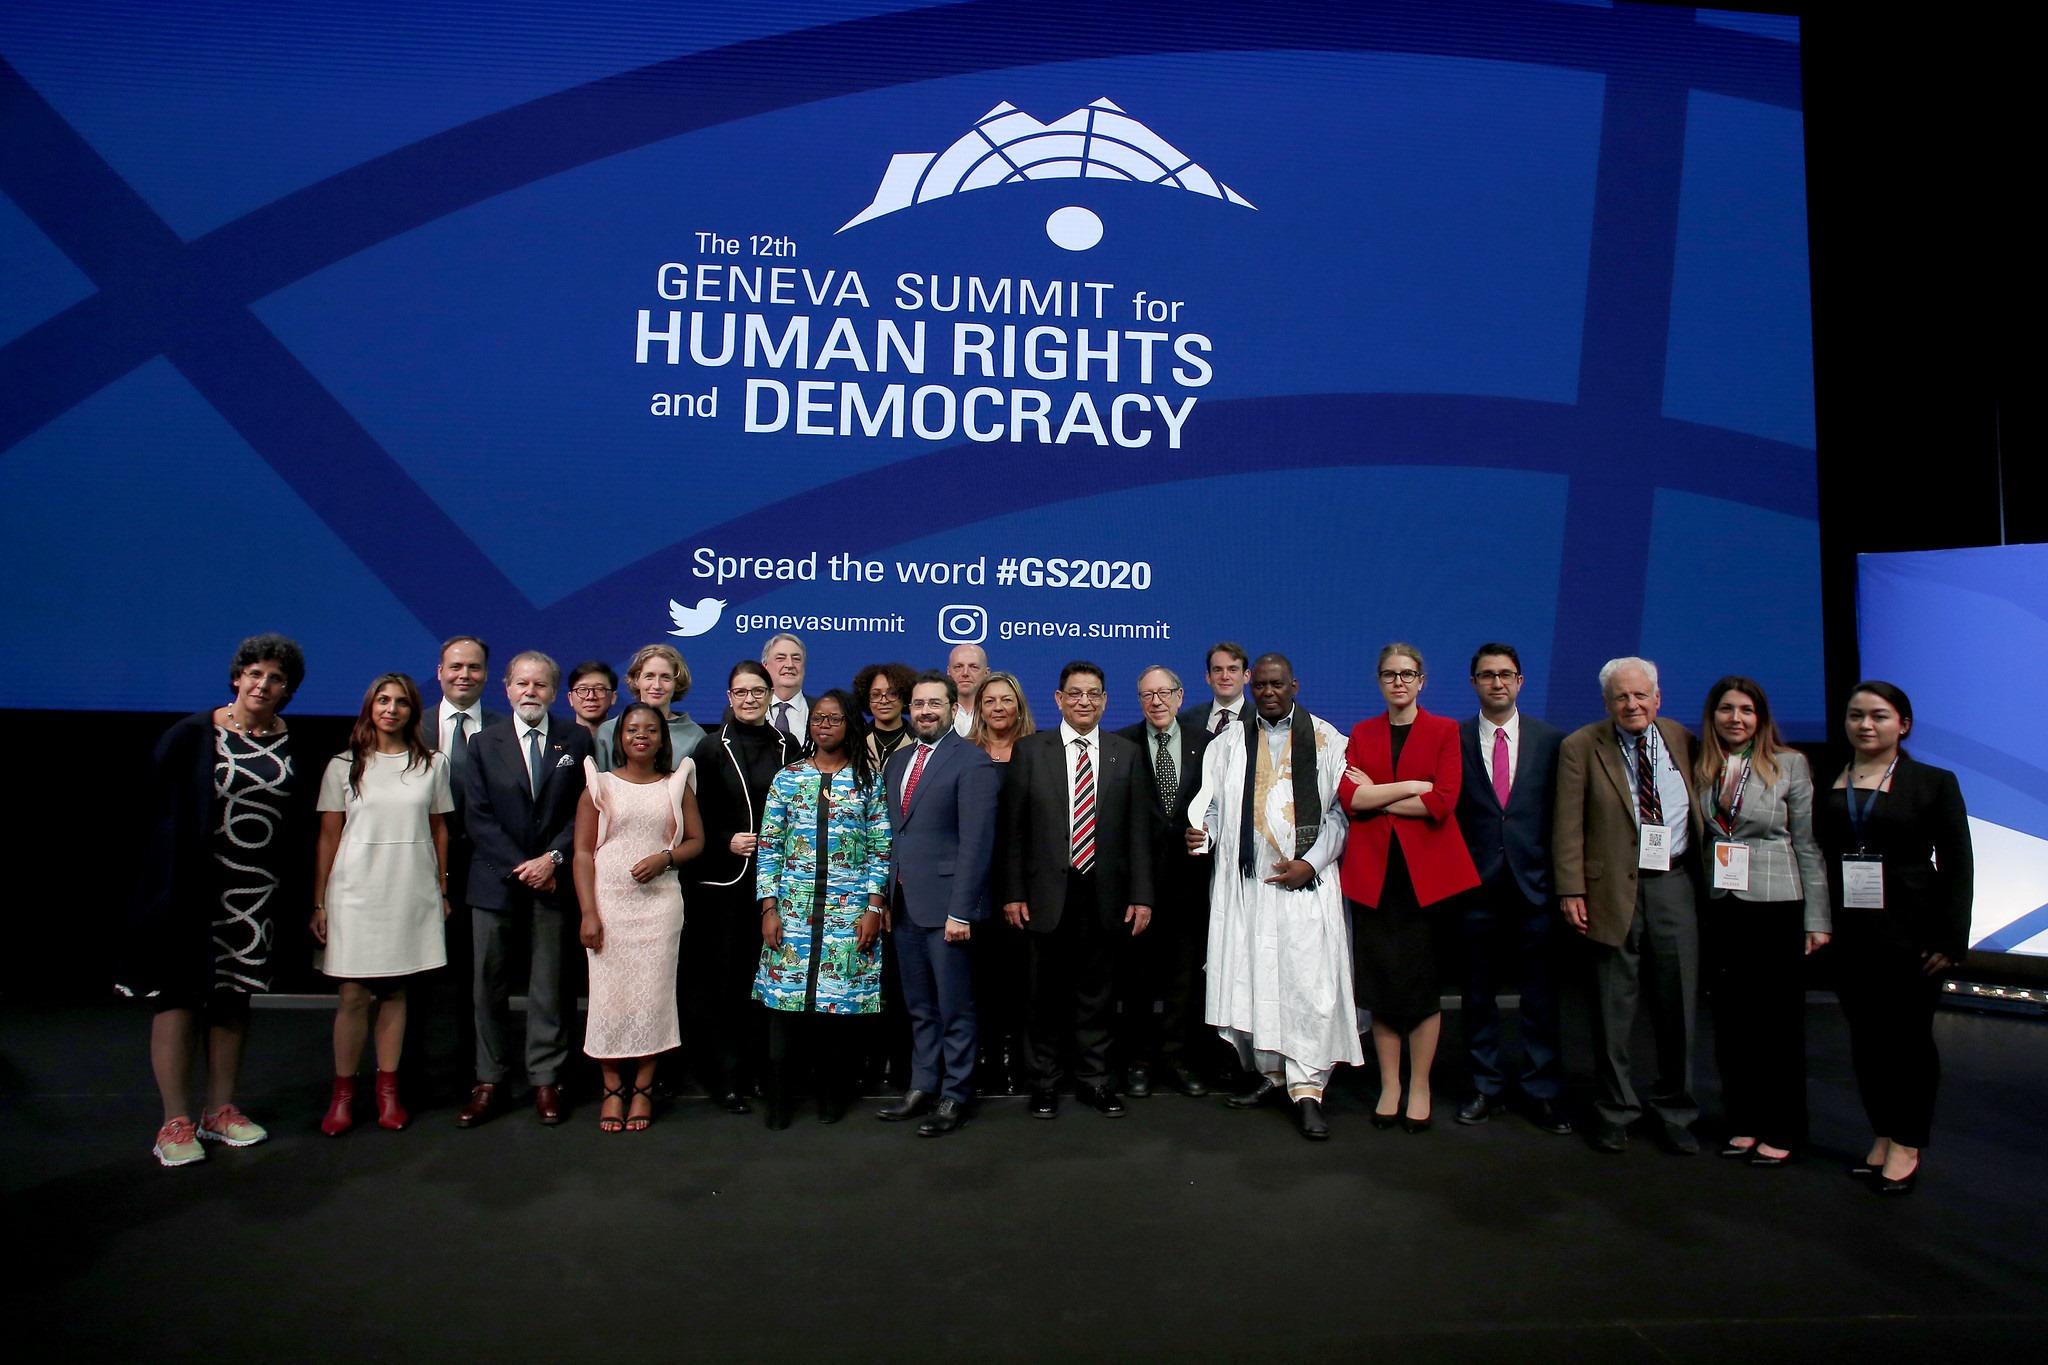 Invitación a la Cumbre de Ginebra por los Derechos Humanos y la Democracia